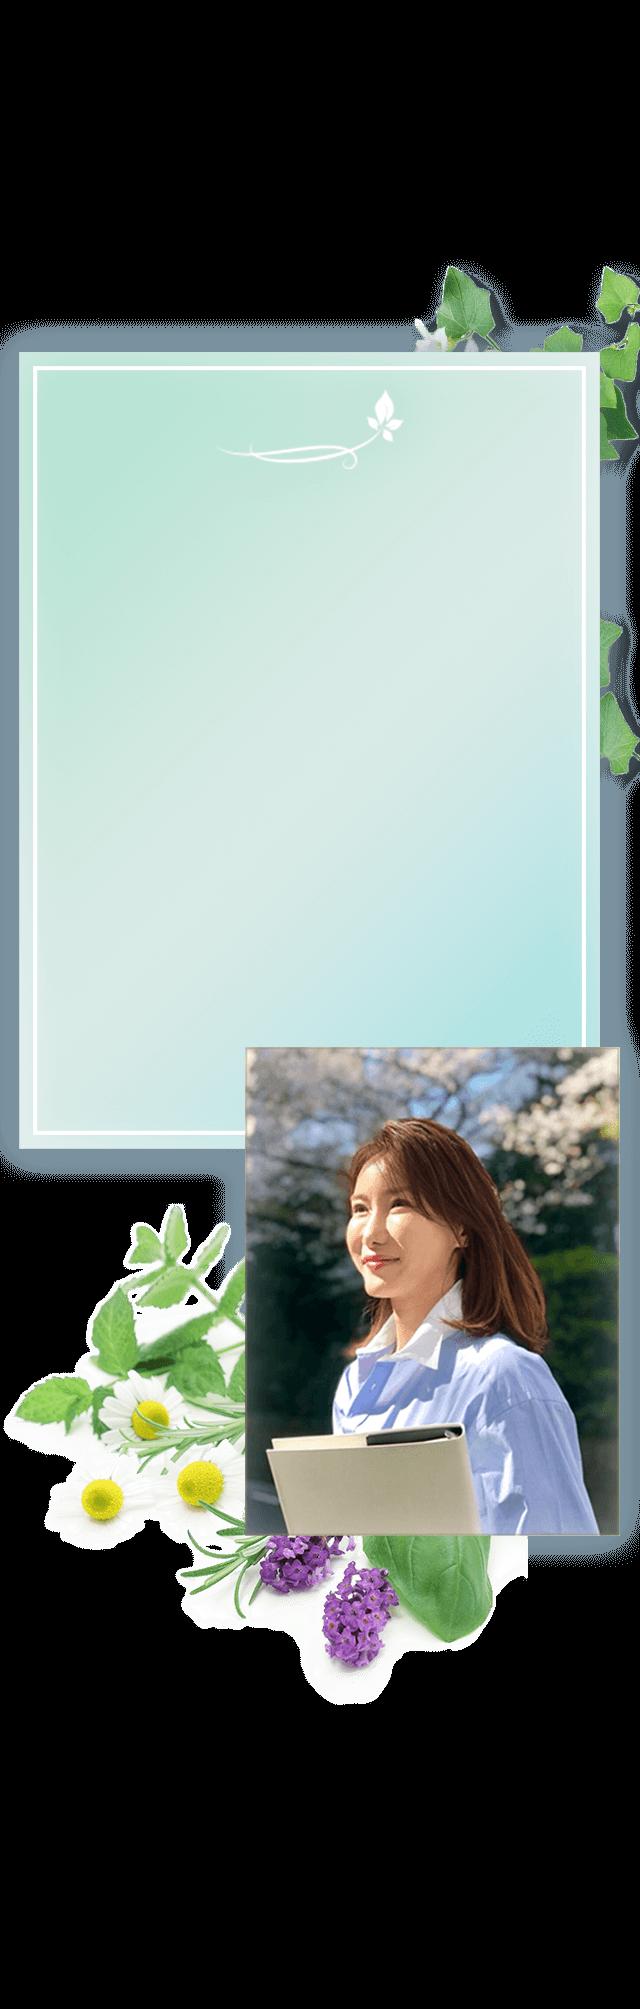 女性MRコンサルのフラームジャパンの代表写真